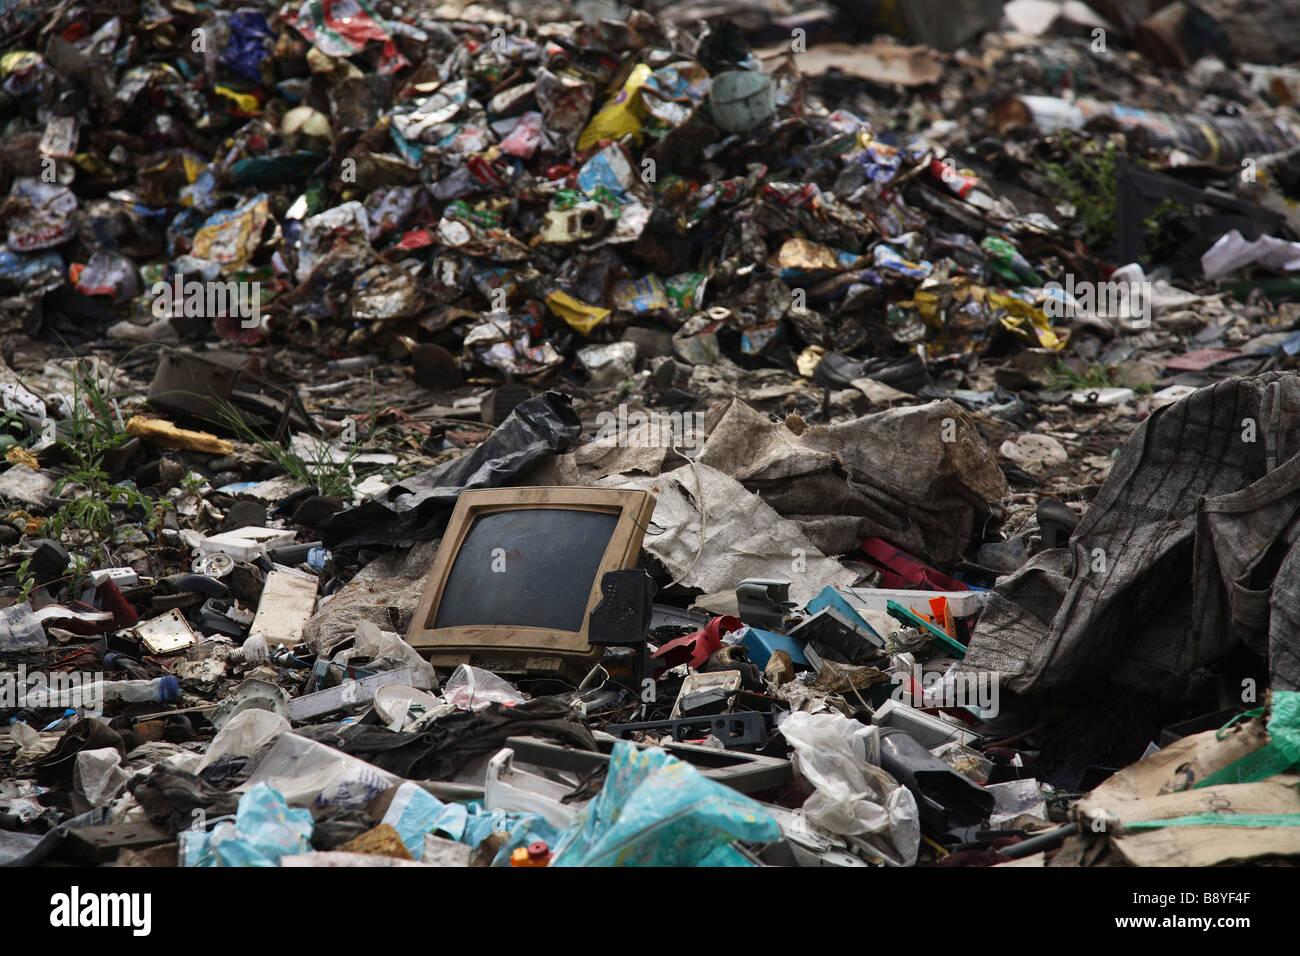 La basura general y los residuos electrónicos en Olusosum vertedero en Lagos, Nigeria. Imagen De Stock